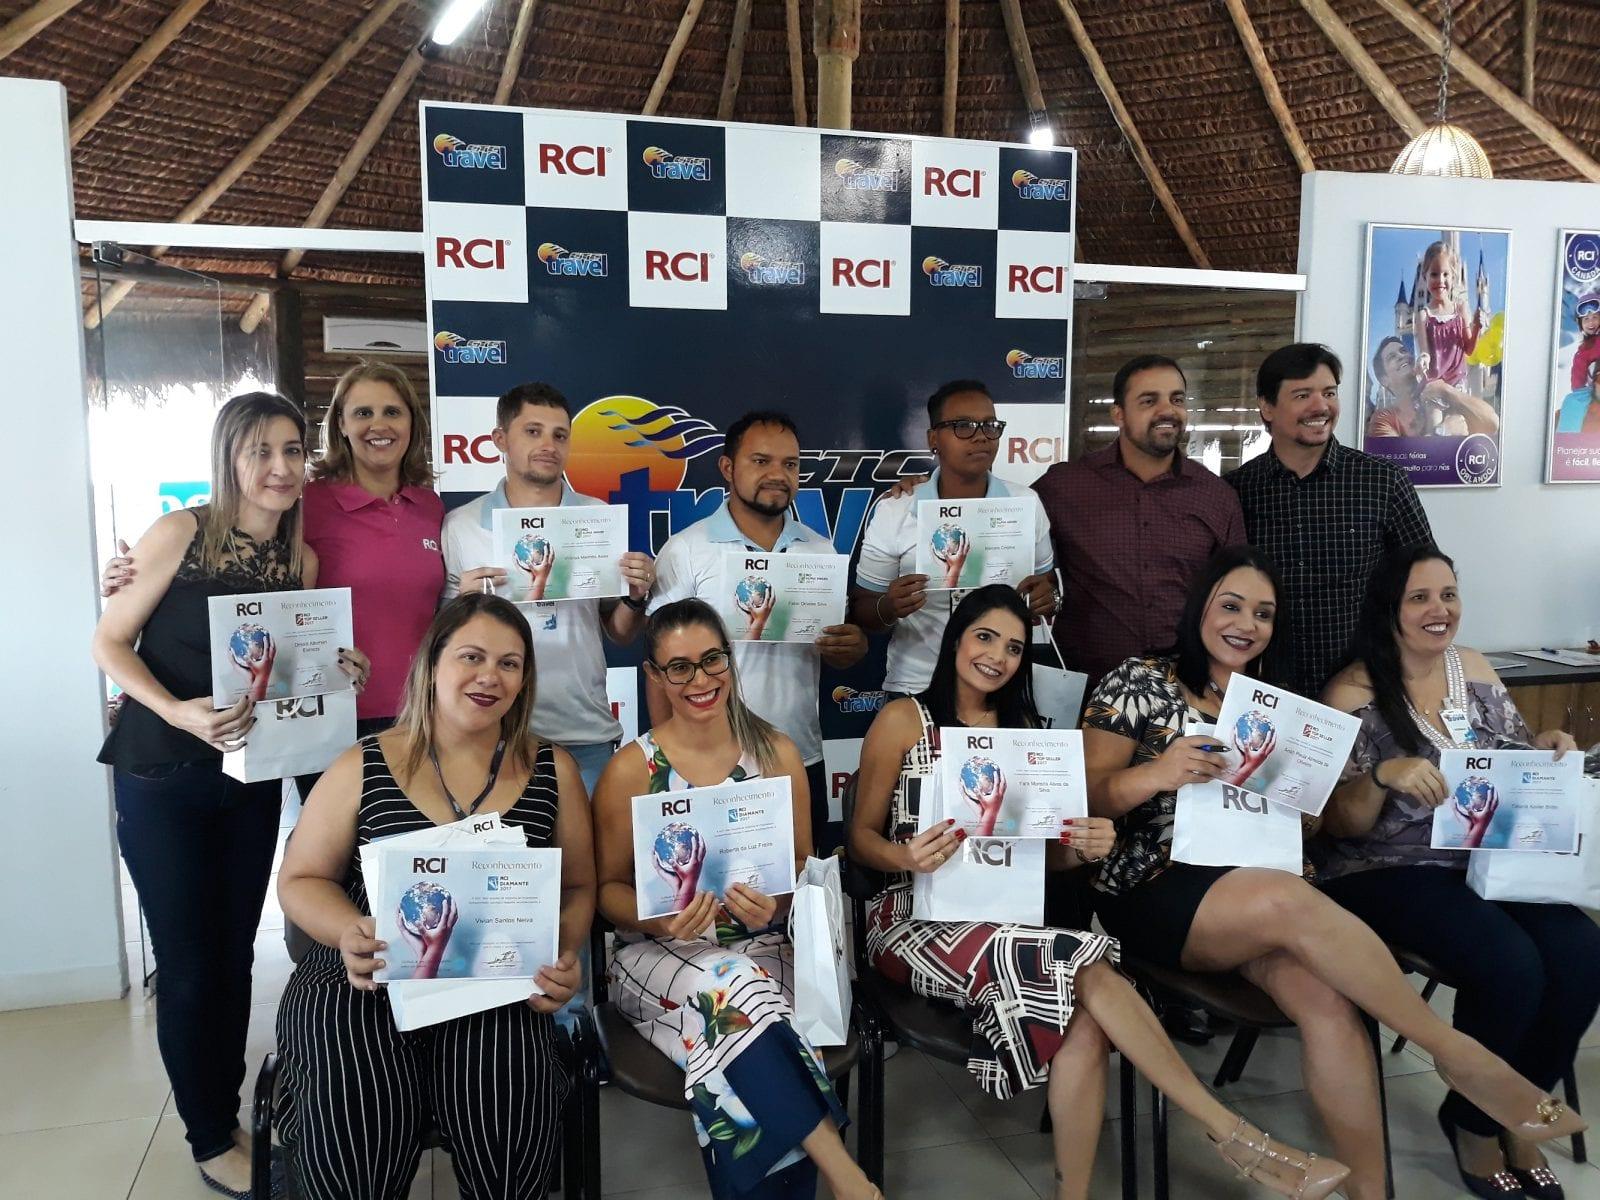 RCI premia profissionais das salas de vendas dos empreendimentos afiliados